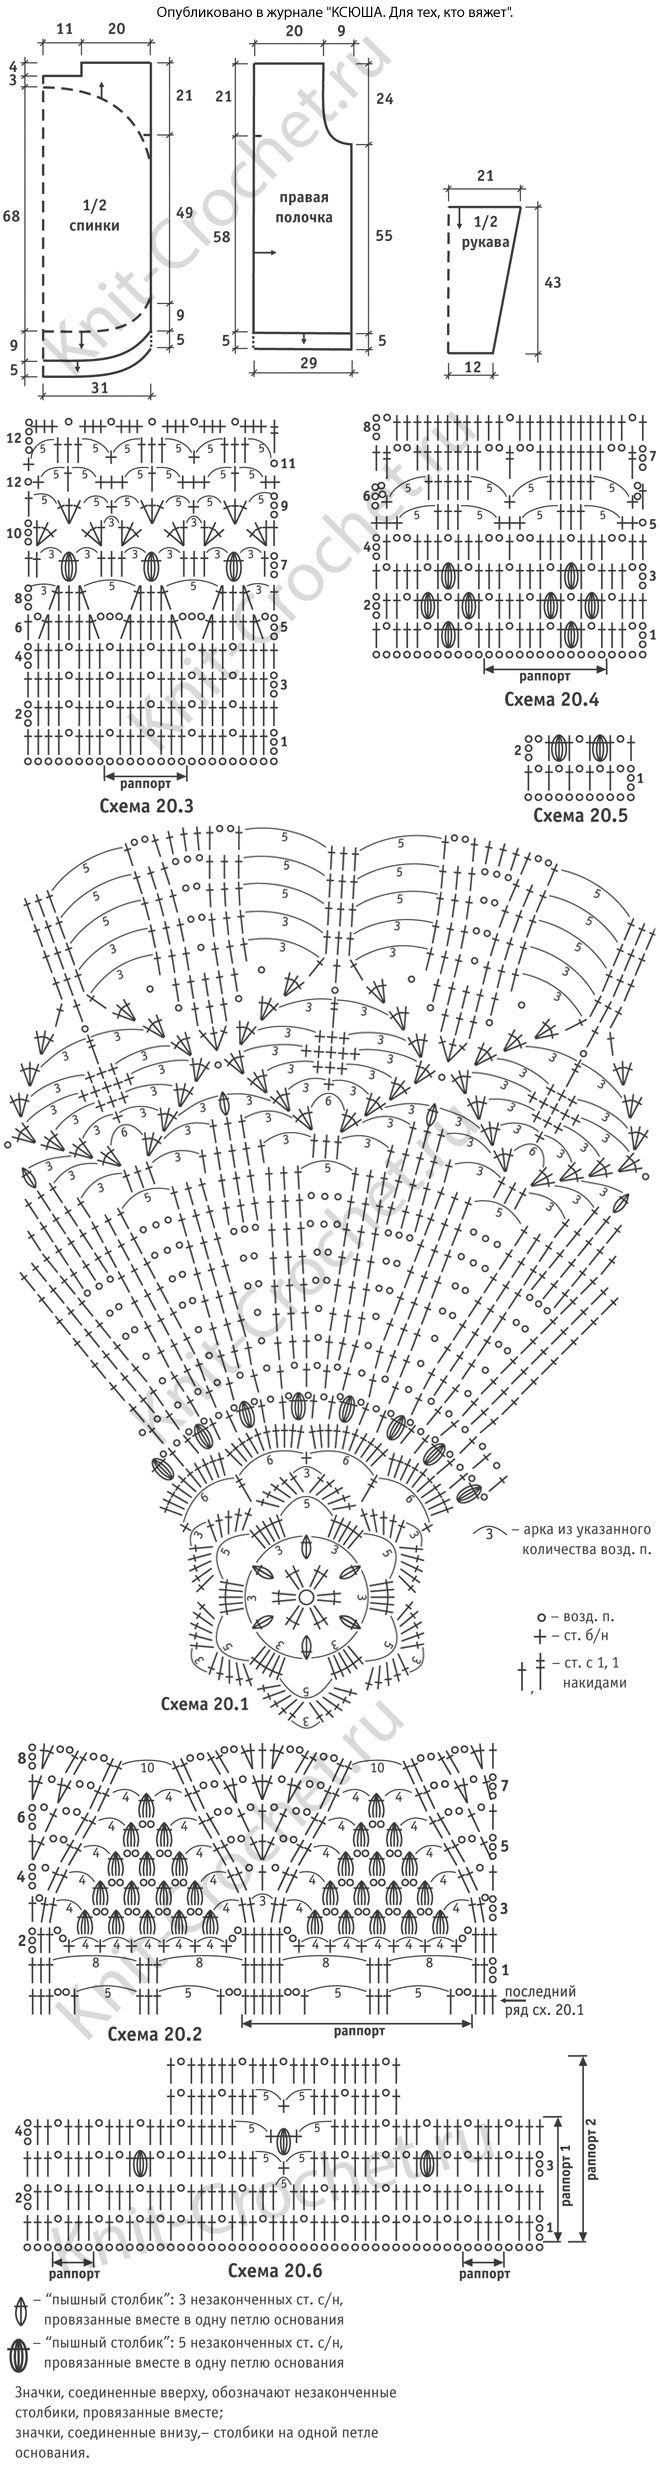 Выкройка, схемы узоров с описанием вязания крючком кардигана в стиле «хиппи».